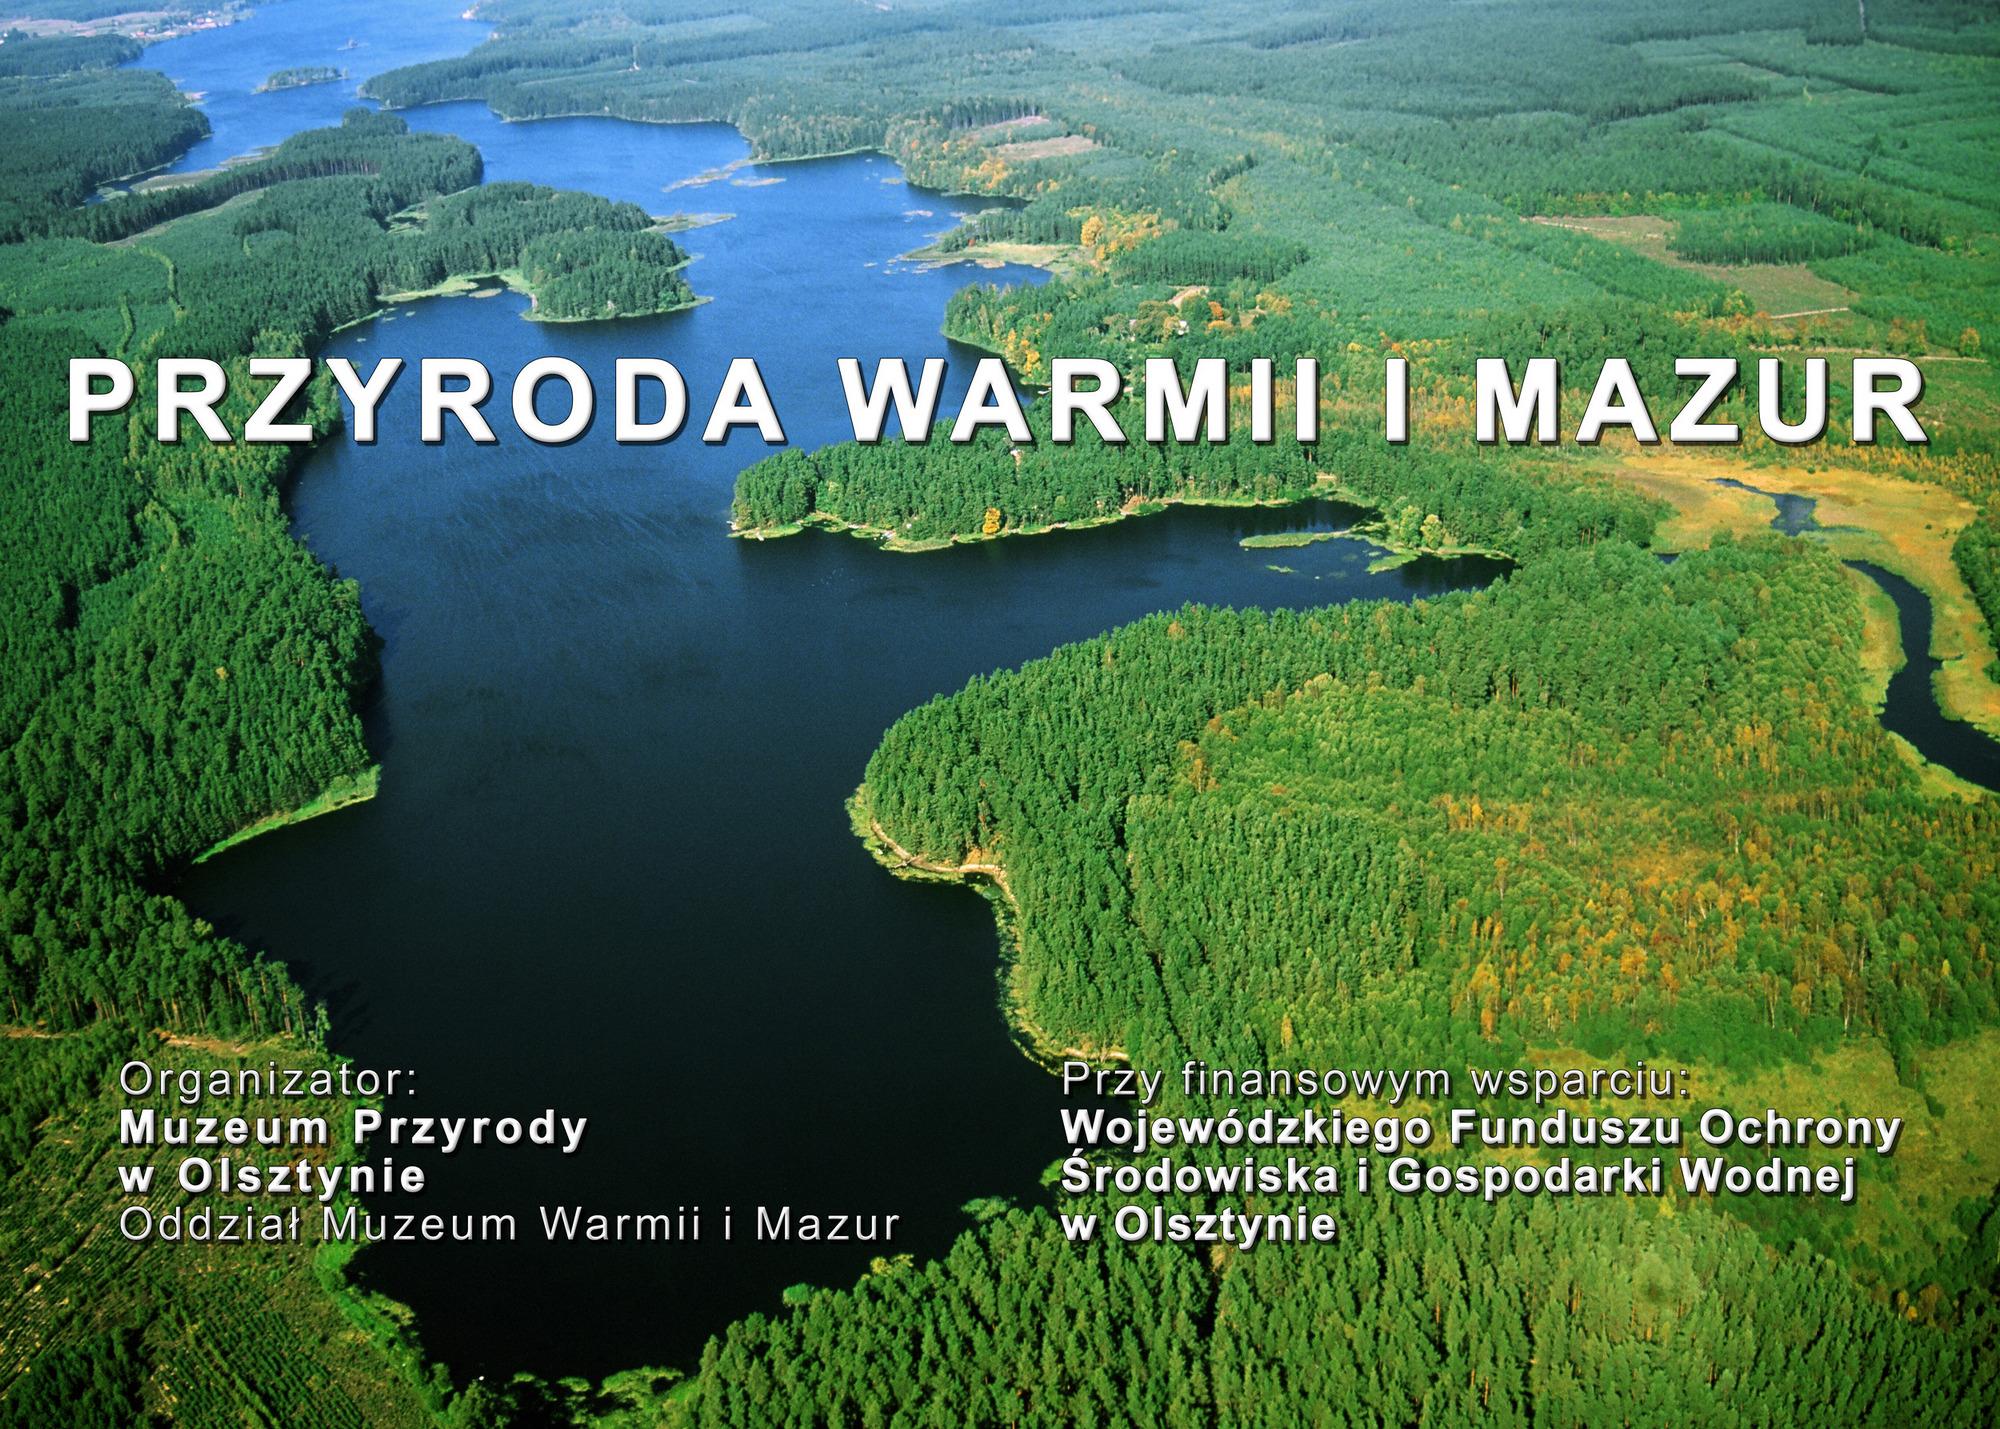 https://m.wmwm.pl/2020/02/orig/na-strone-int-przyroda-warmii-i-mazur-6610.jpg